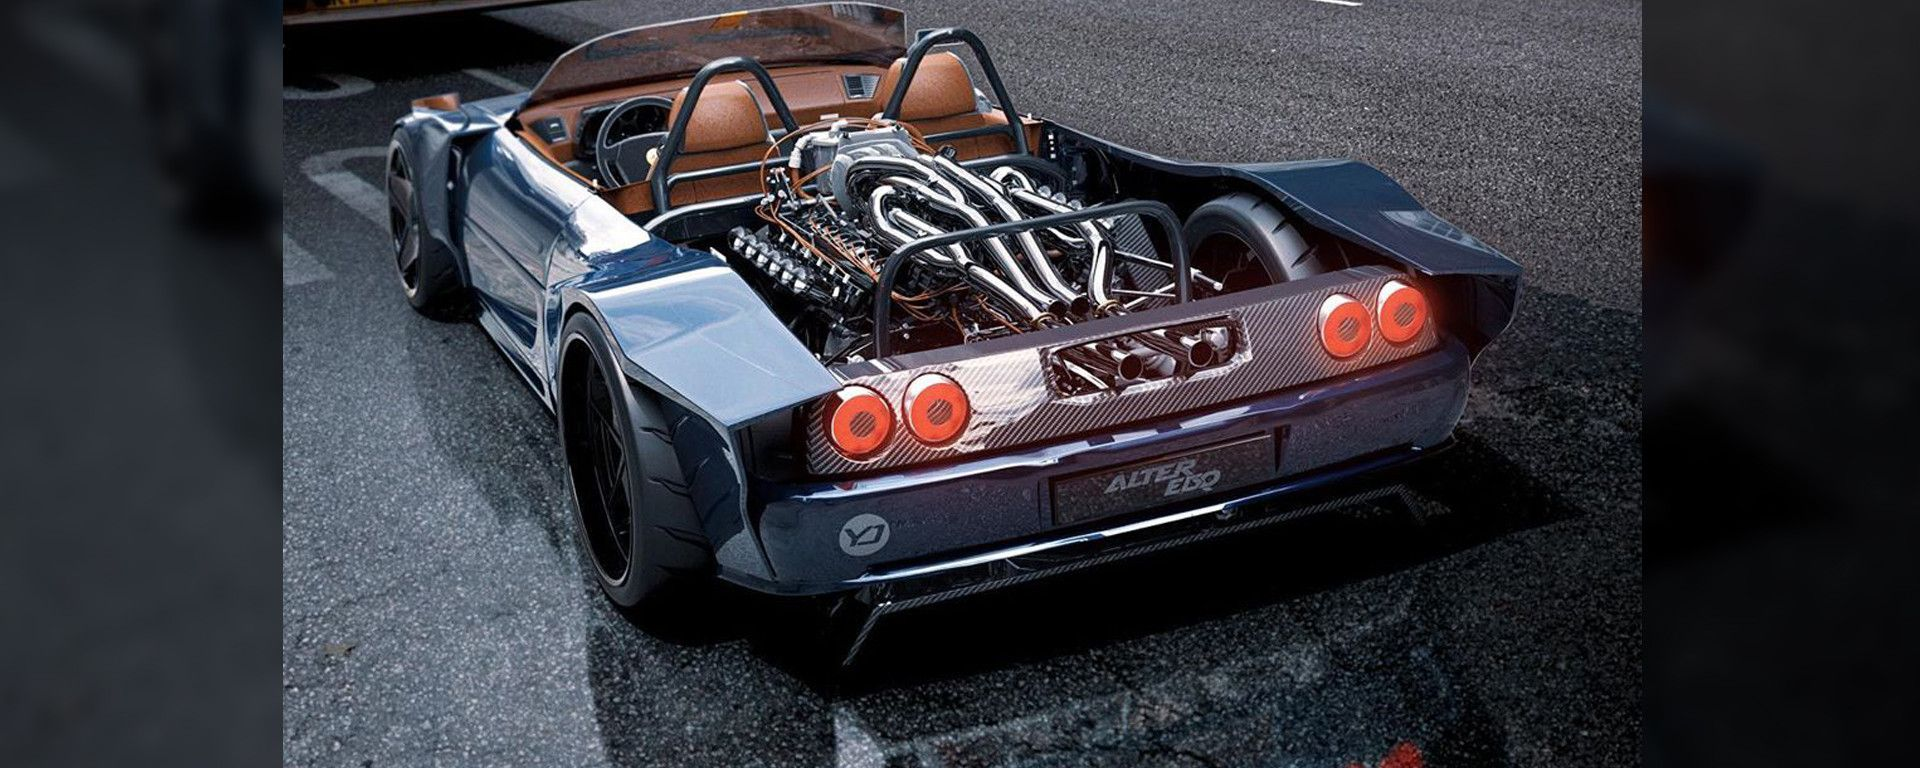 Ferrari F355 Chop Top by AlYasid Oozeear